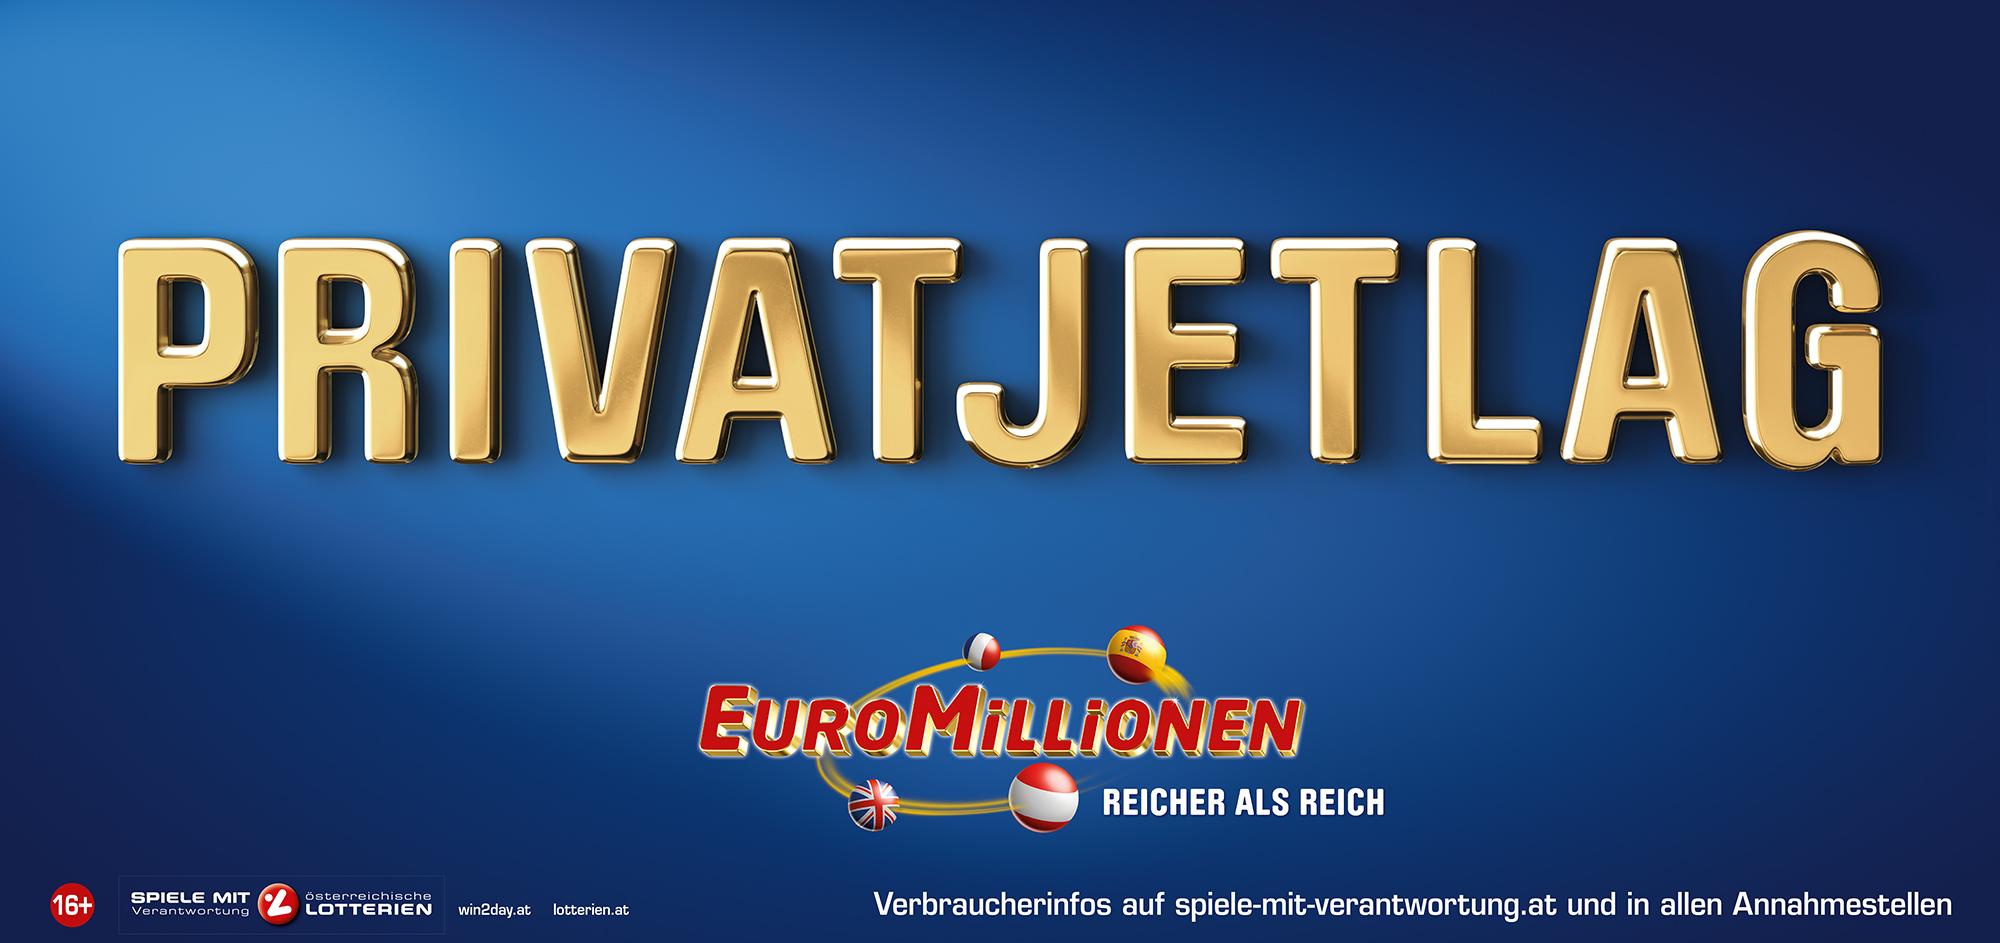 Euromillionen Austria